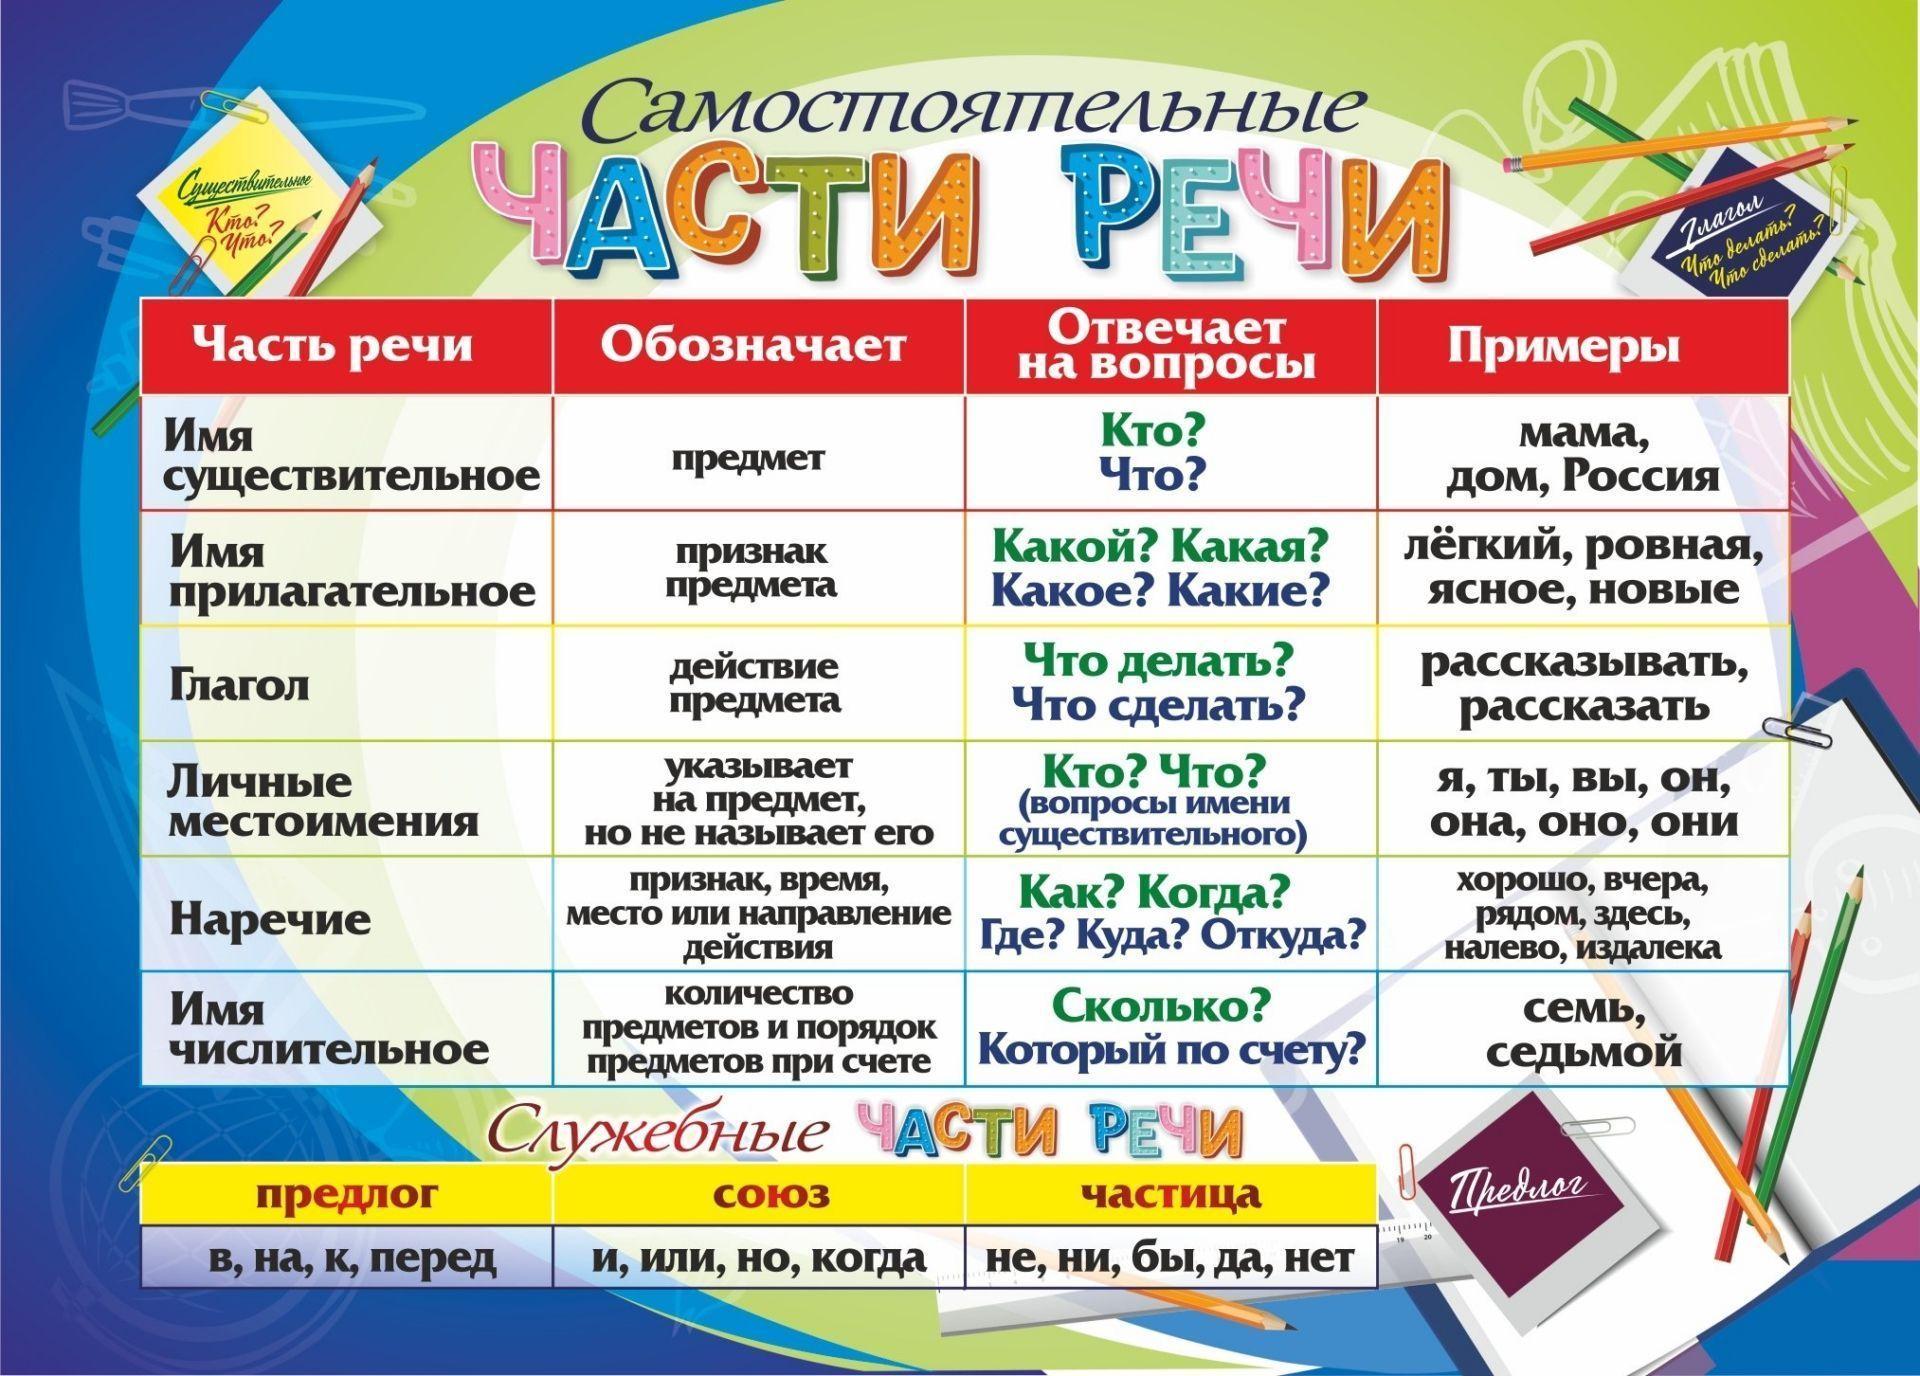 Части речи в русском языке: самостоятельные и служебные части речи, примеры